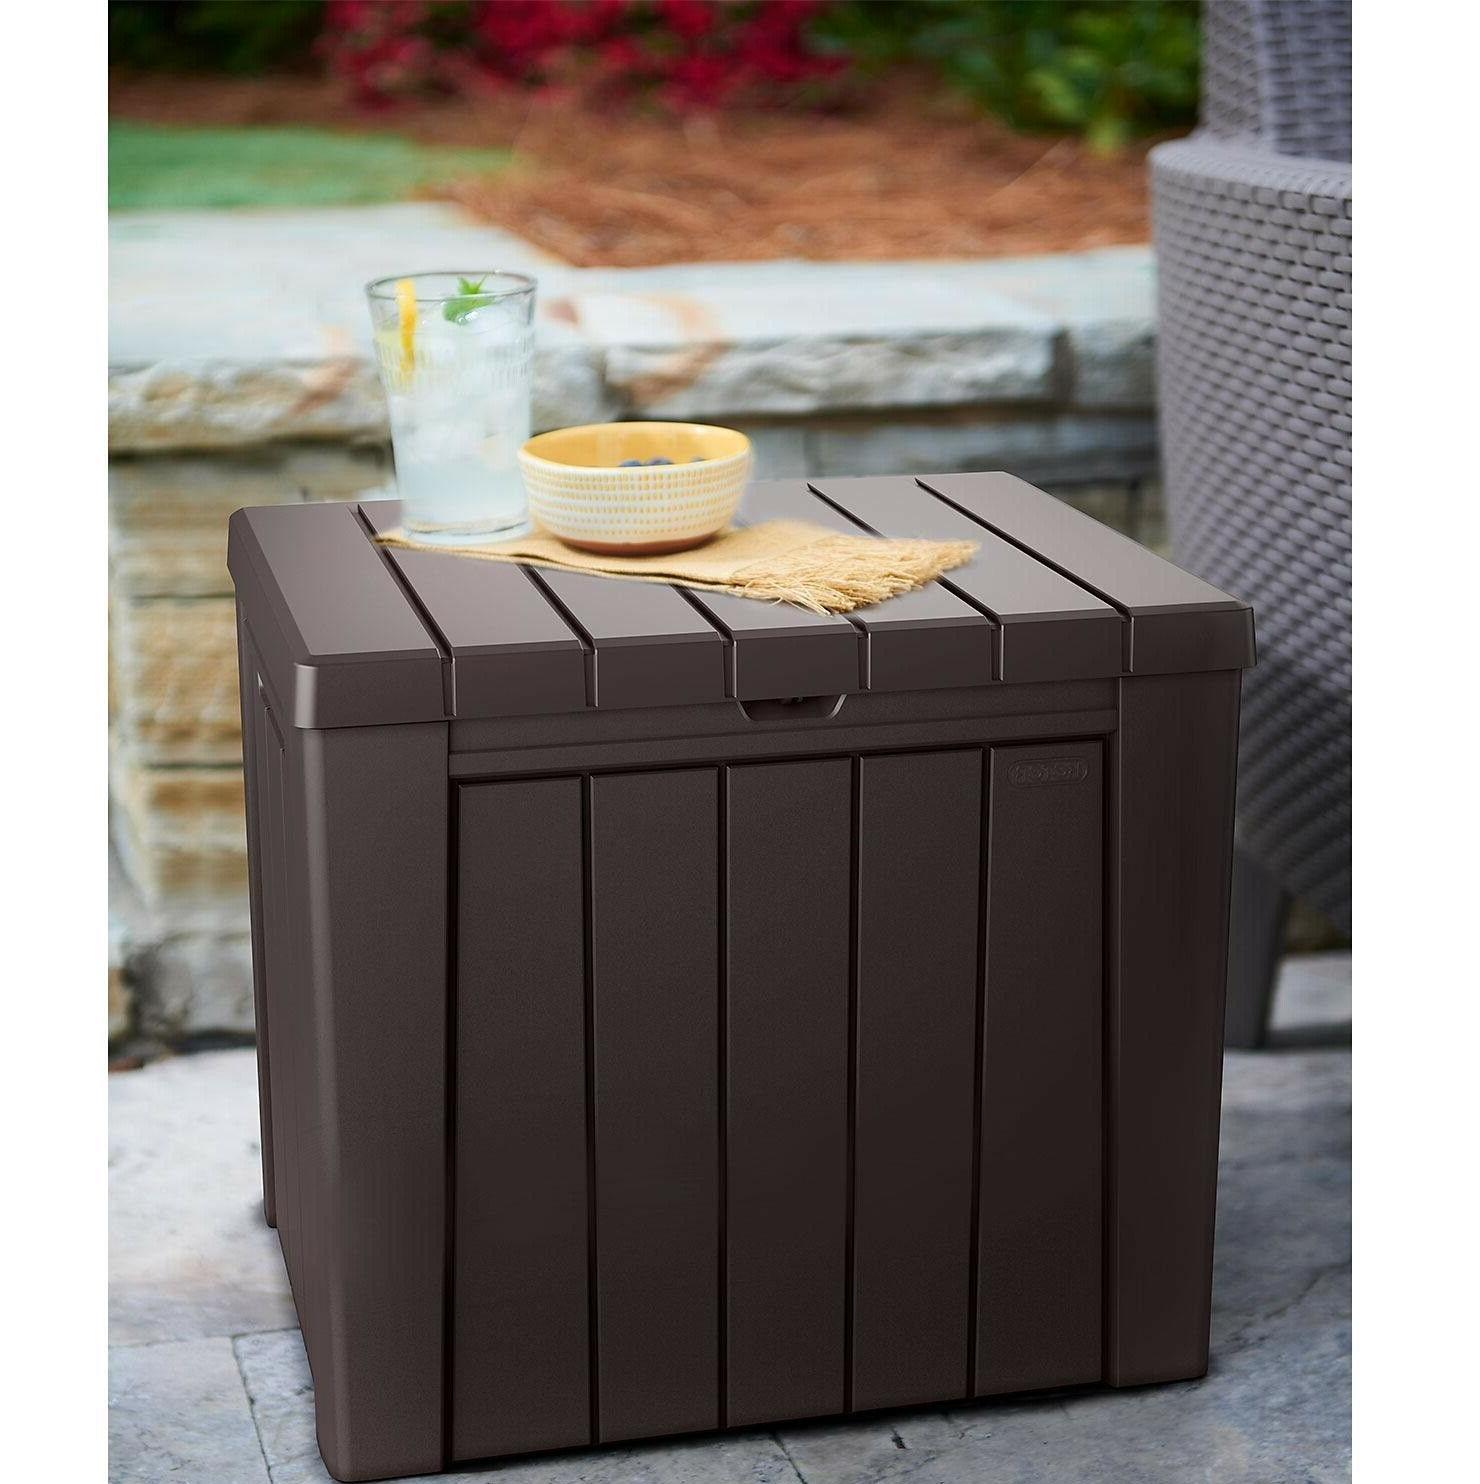 Deck Box/Storage